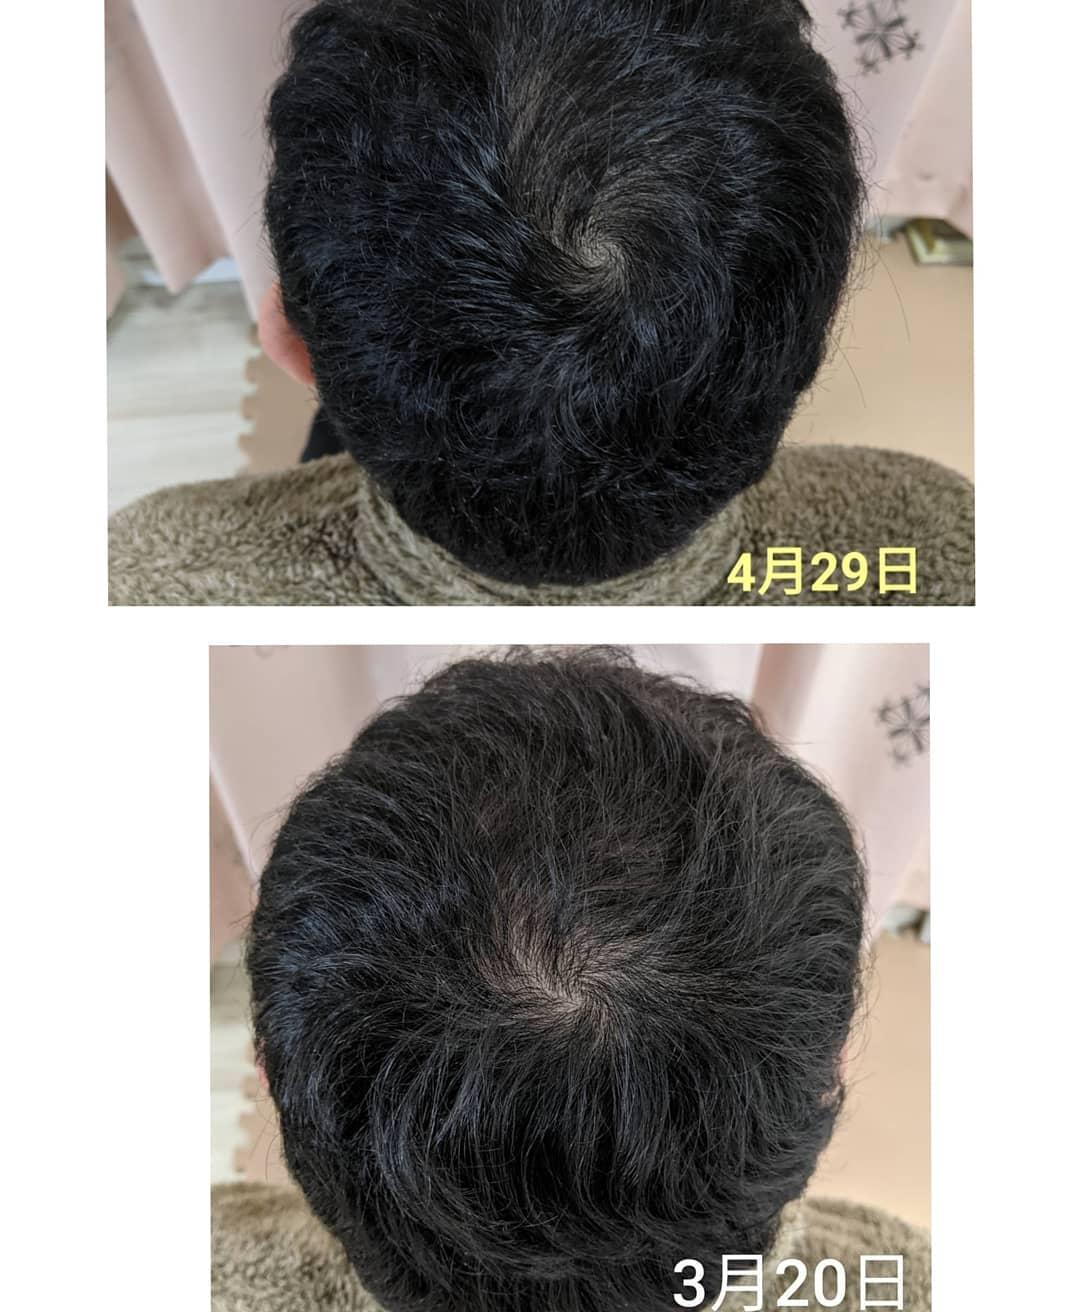 口コミ投稿:旦那さん、後頭部の育毛始めて3ヶ月経ちました✨1本1本の毛が濃くなり毛根が強くなっ…